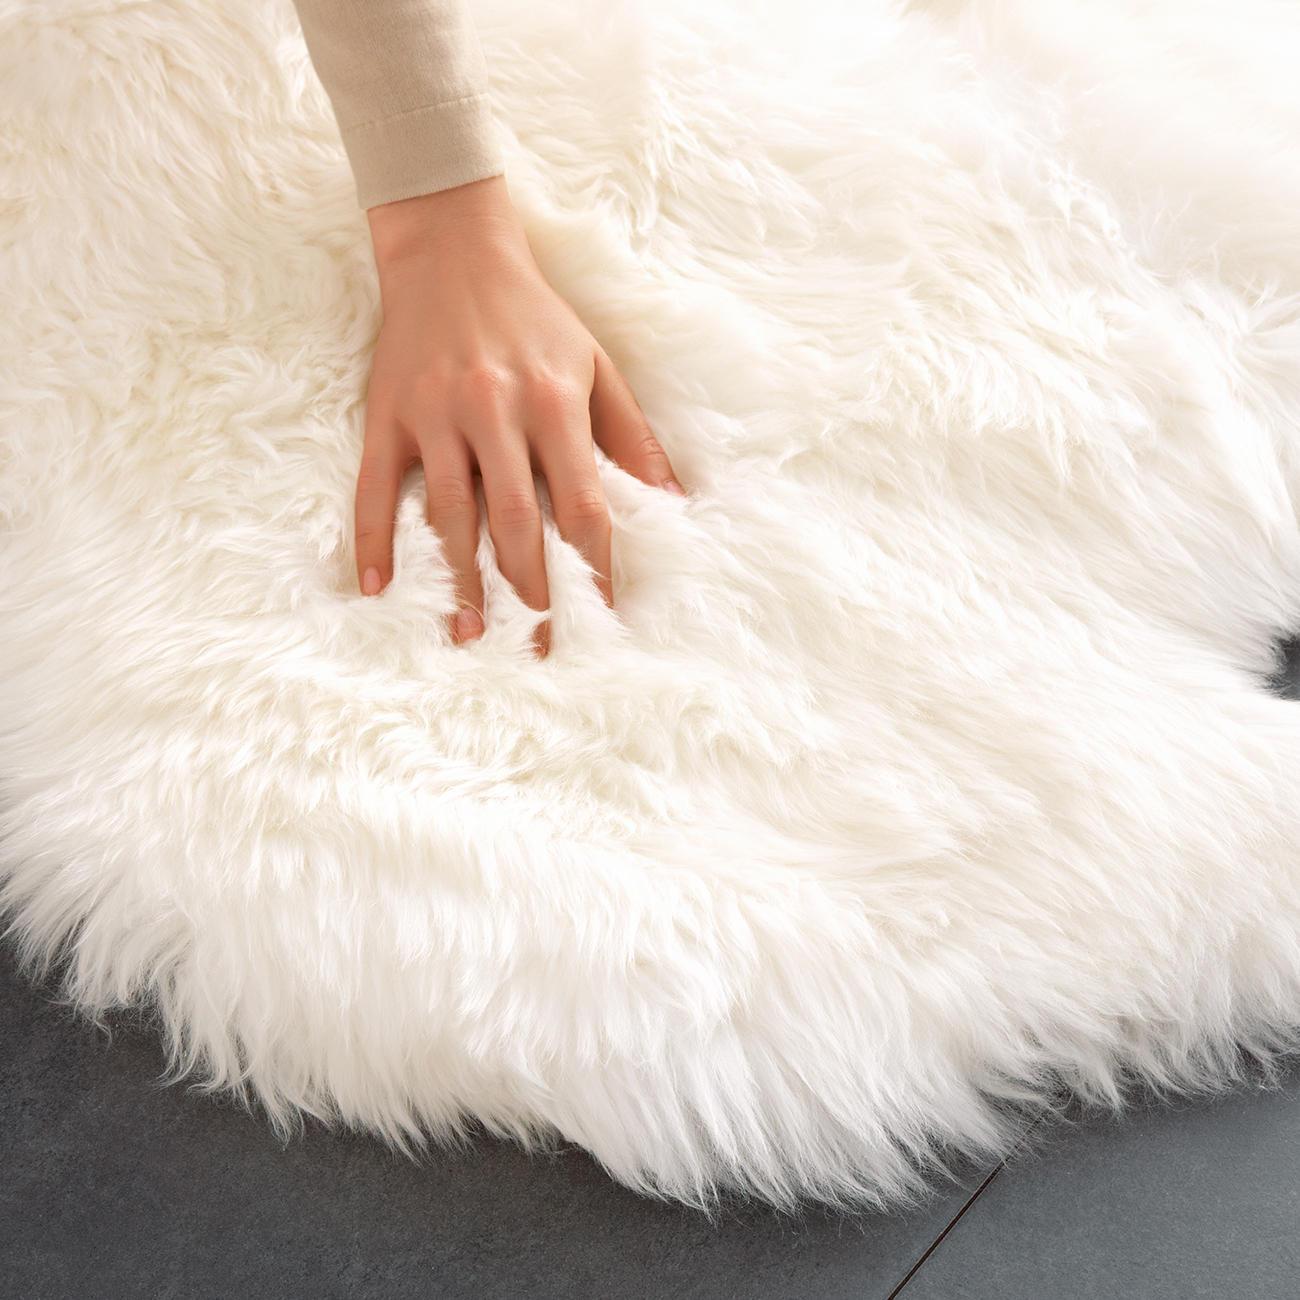 Teppich gross  Lammfell-Teppich - 160 x 100 cm groß und sogar maschinenwaschbar